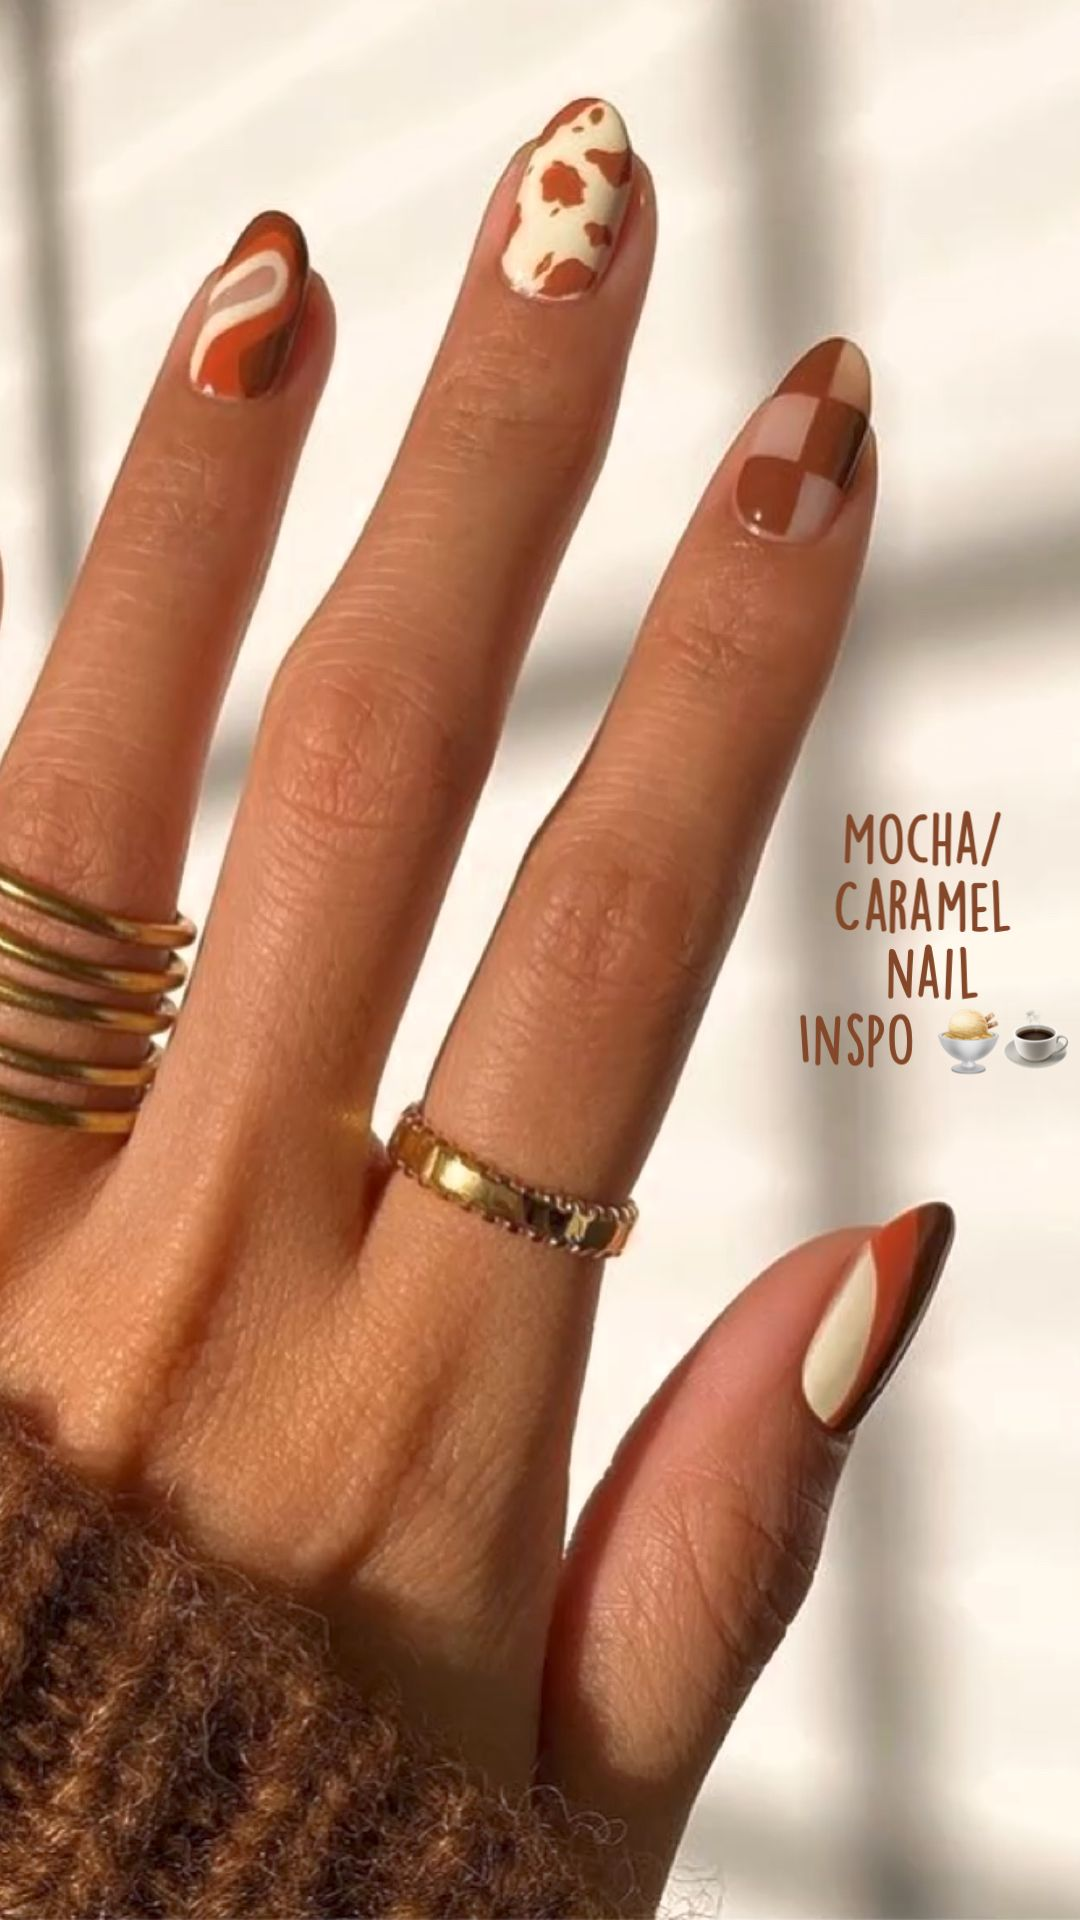 Mocha/ Caramel  nail  Inspo 🍨☕️